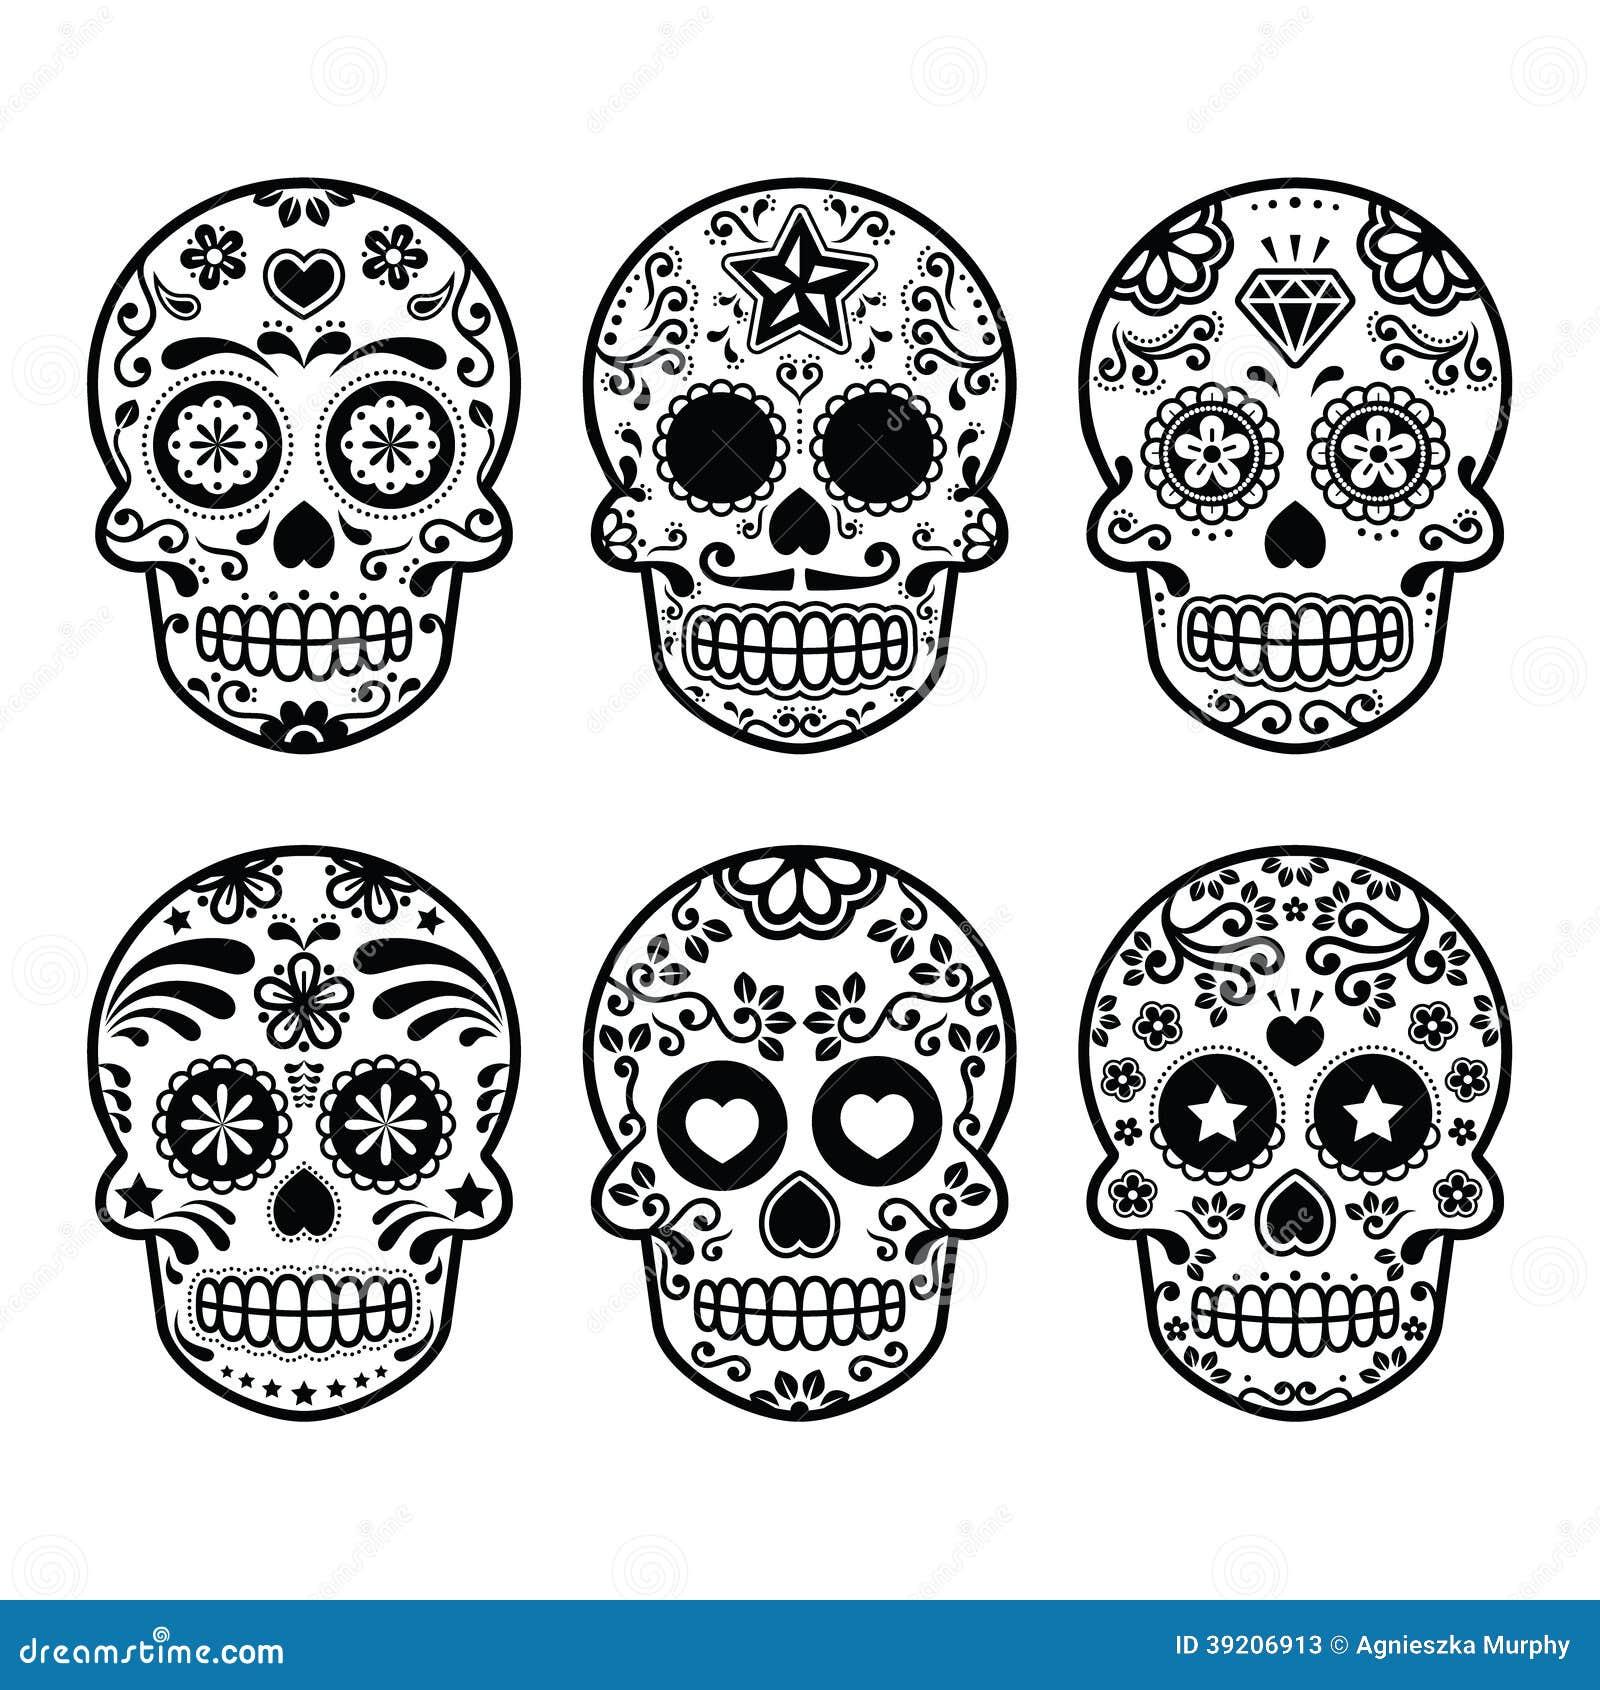 Halloween skull decorations - Mexican Sugar Skull Dia De Los Muertos Icons Set Stock Vector Image